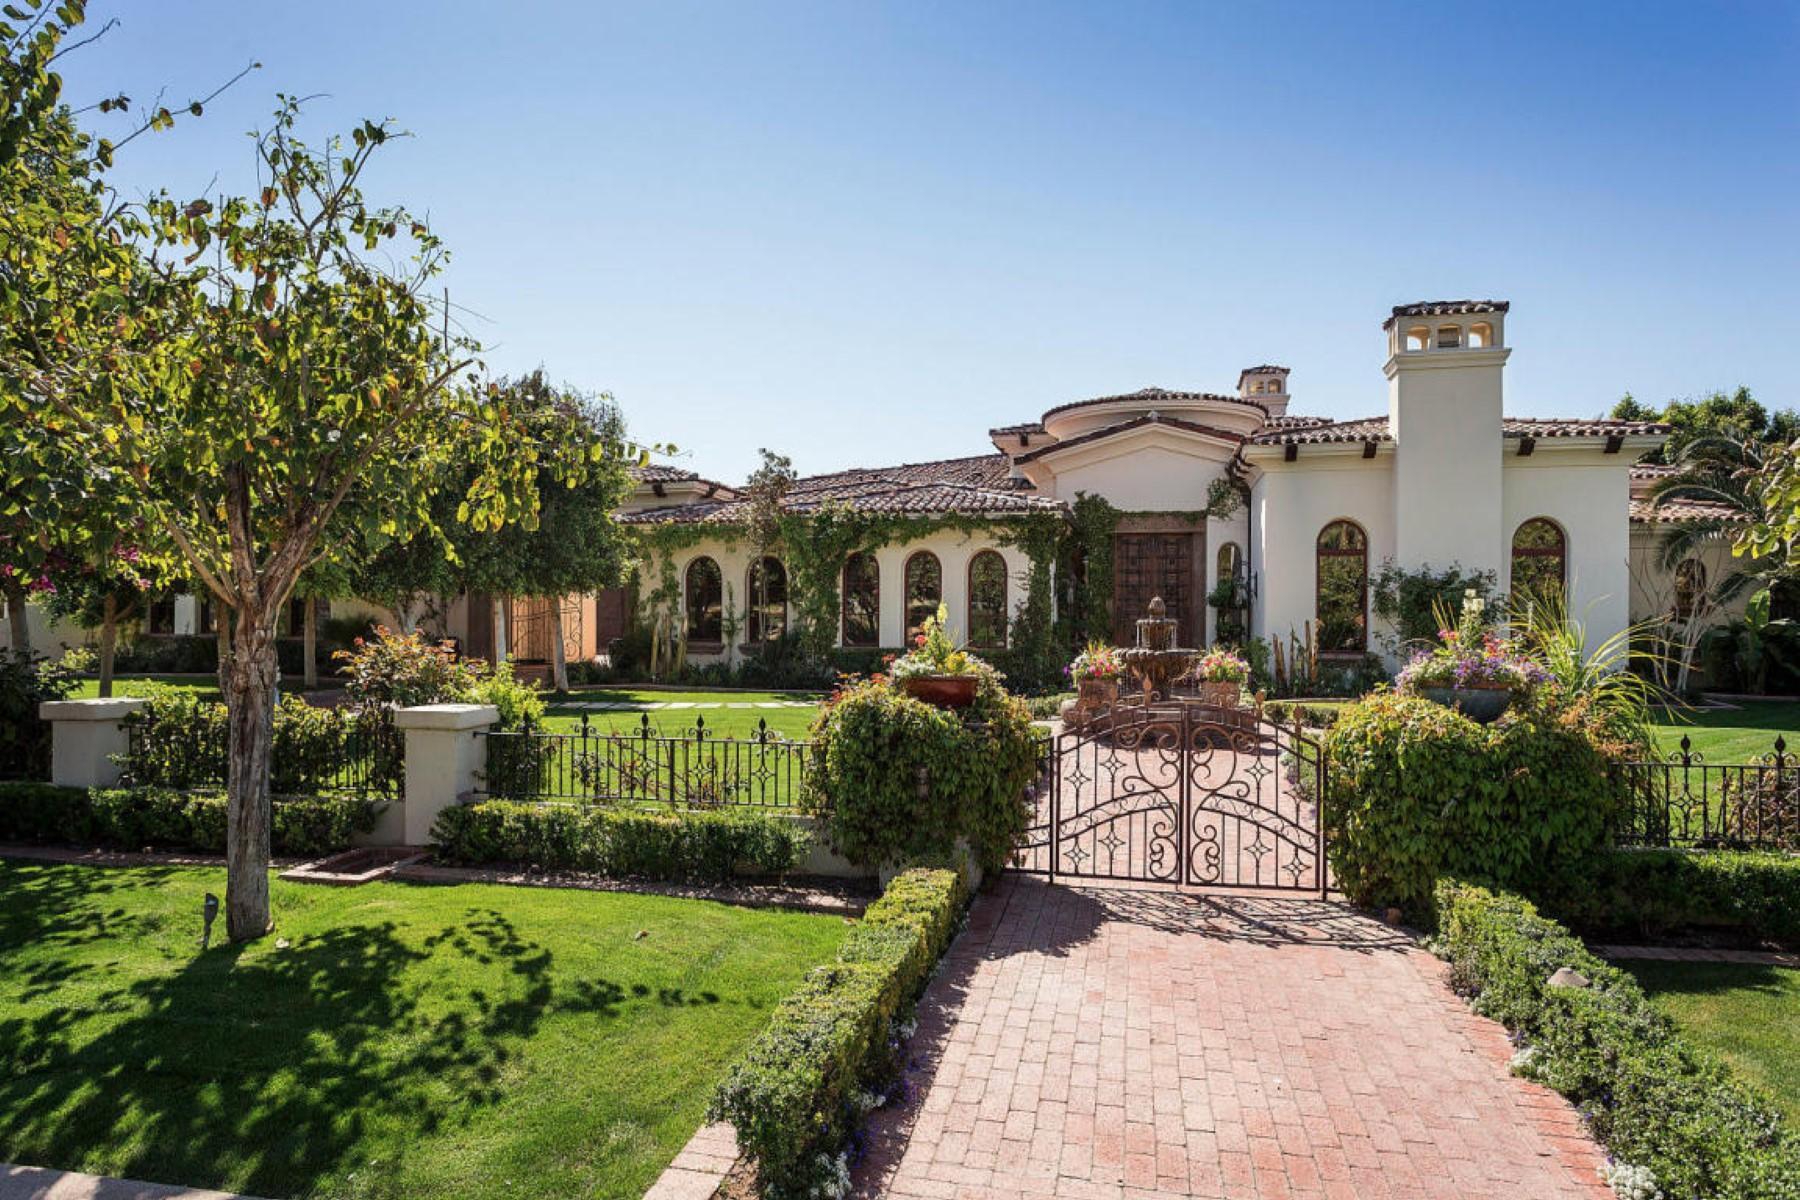 Einfamilienhaus für Verkauf beim Spectacular Mediterranean Estate set on one of the best streets in all of Arcadi 6215 E Exeter BLVD Scottsdale, Arizona 85251 Vereinigte Staaten